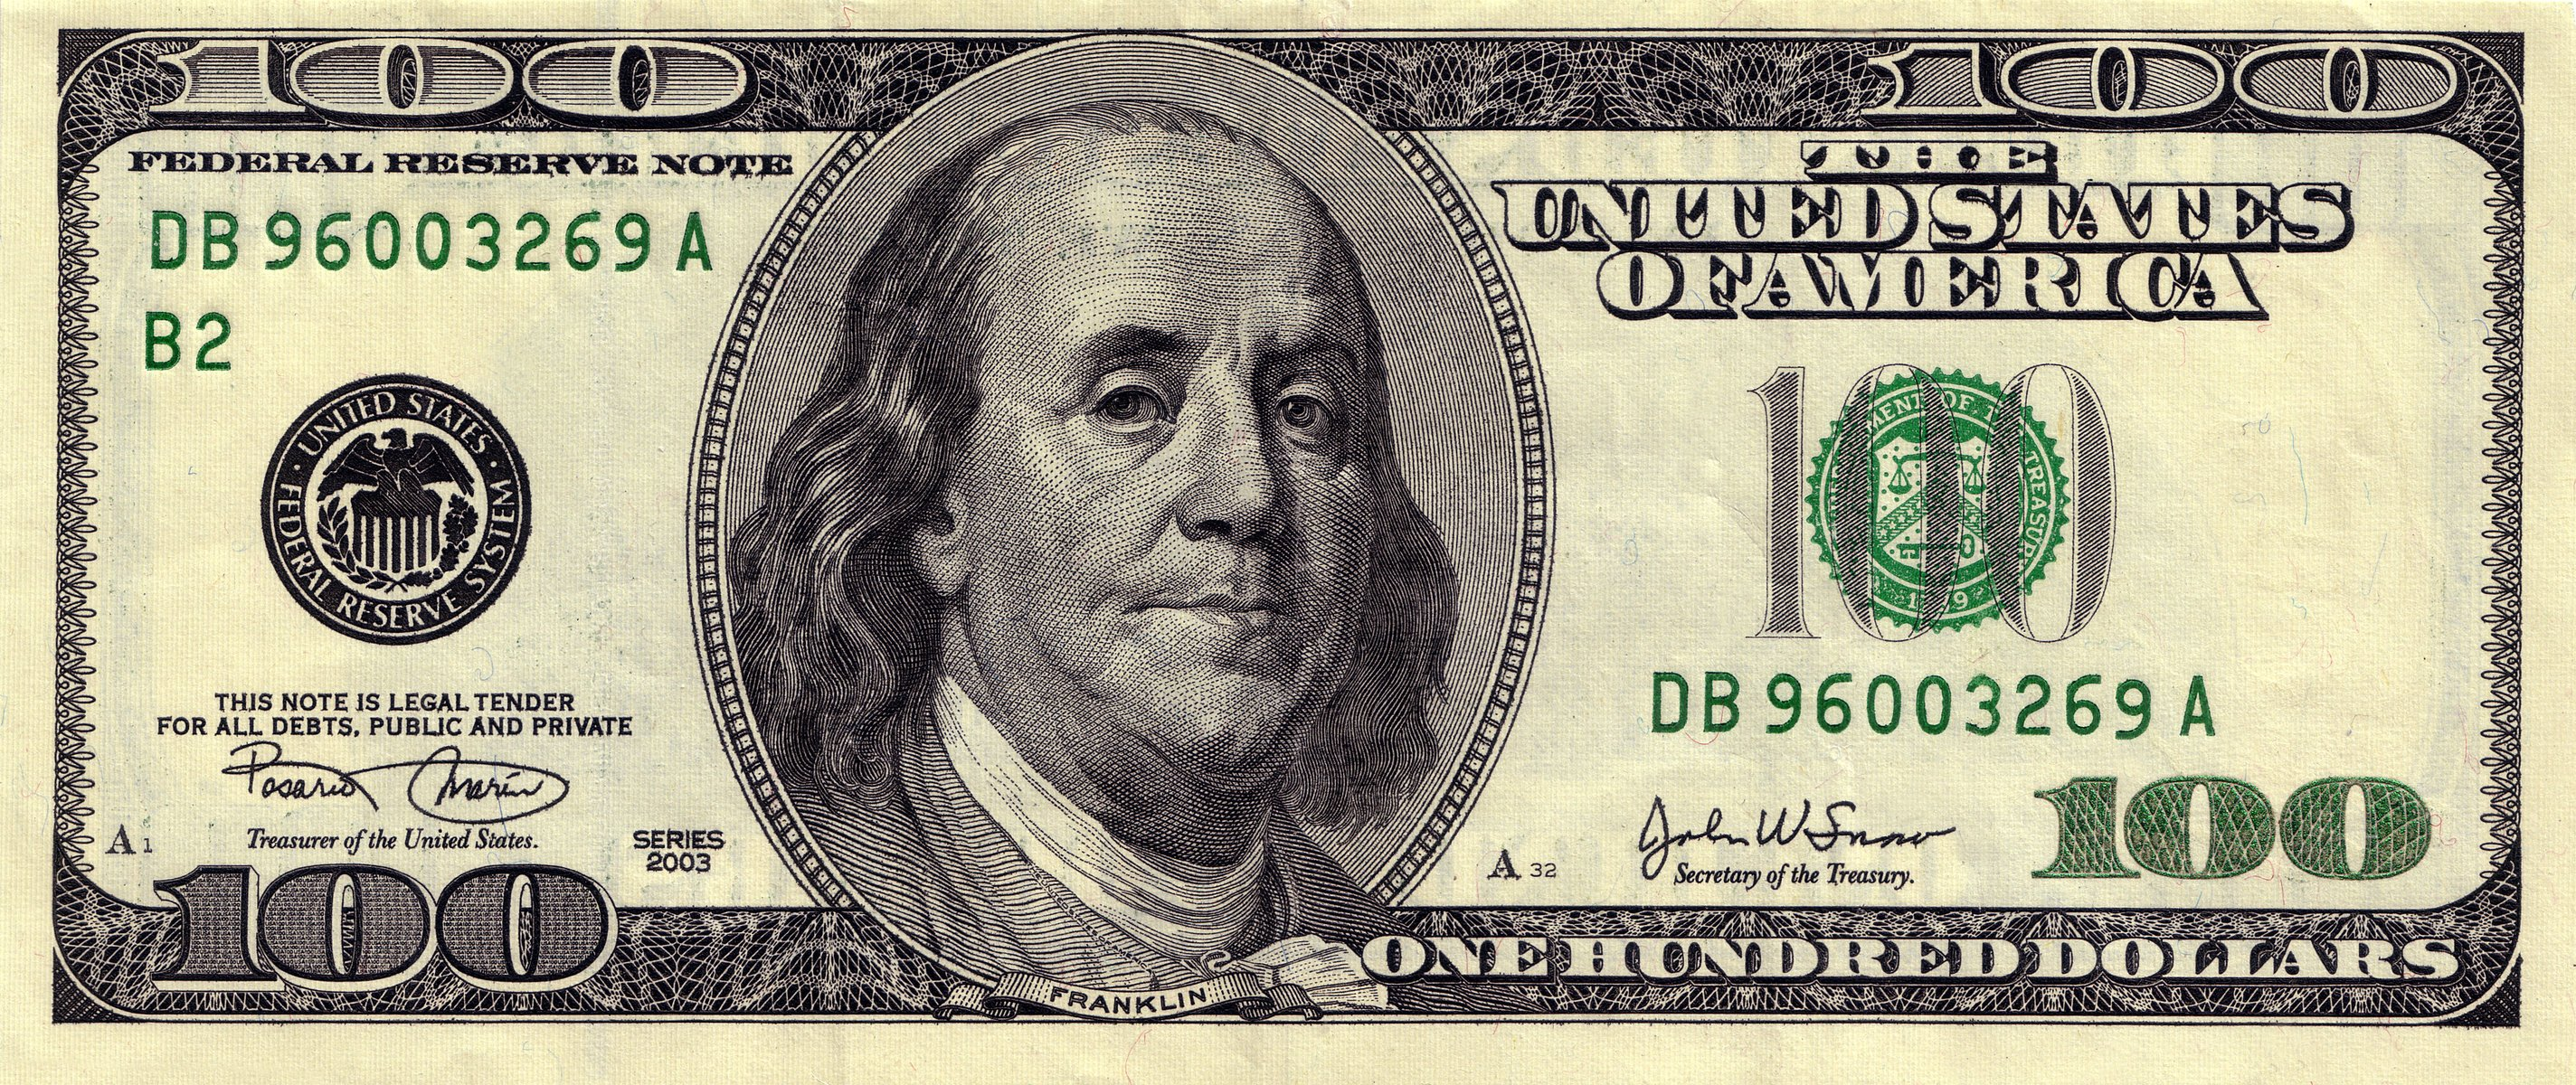 деньги сша картинка усилиями